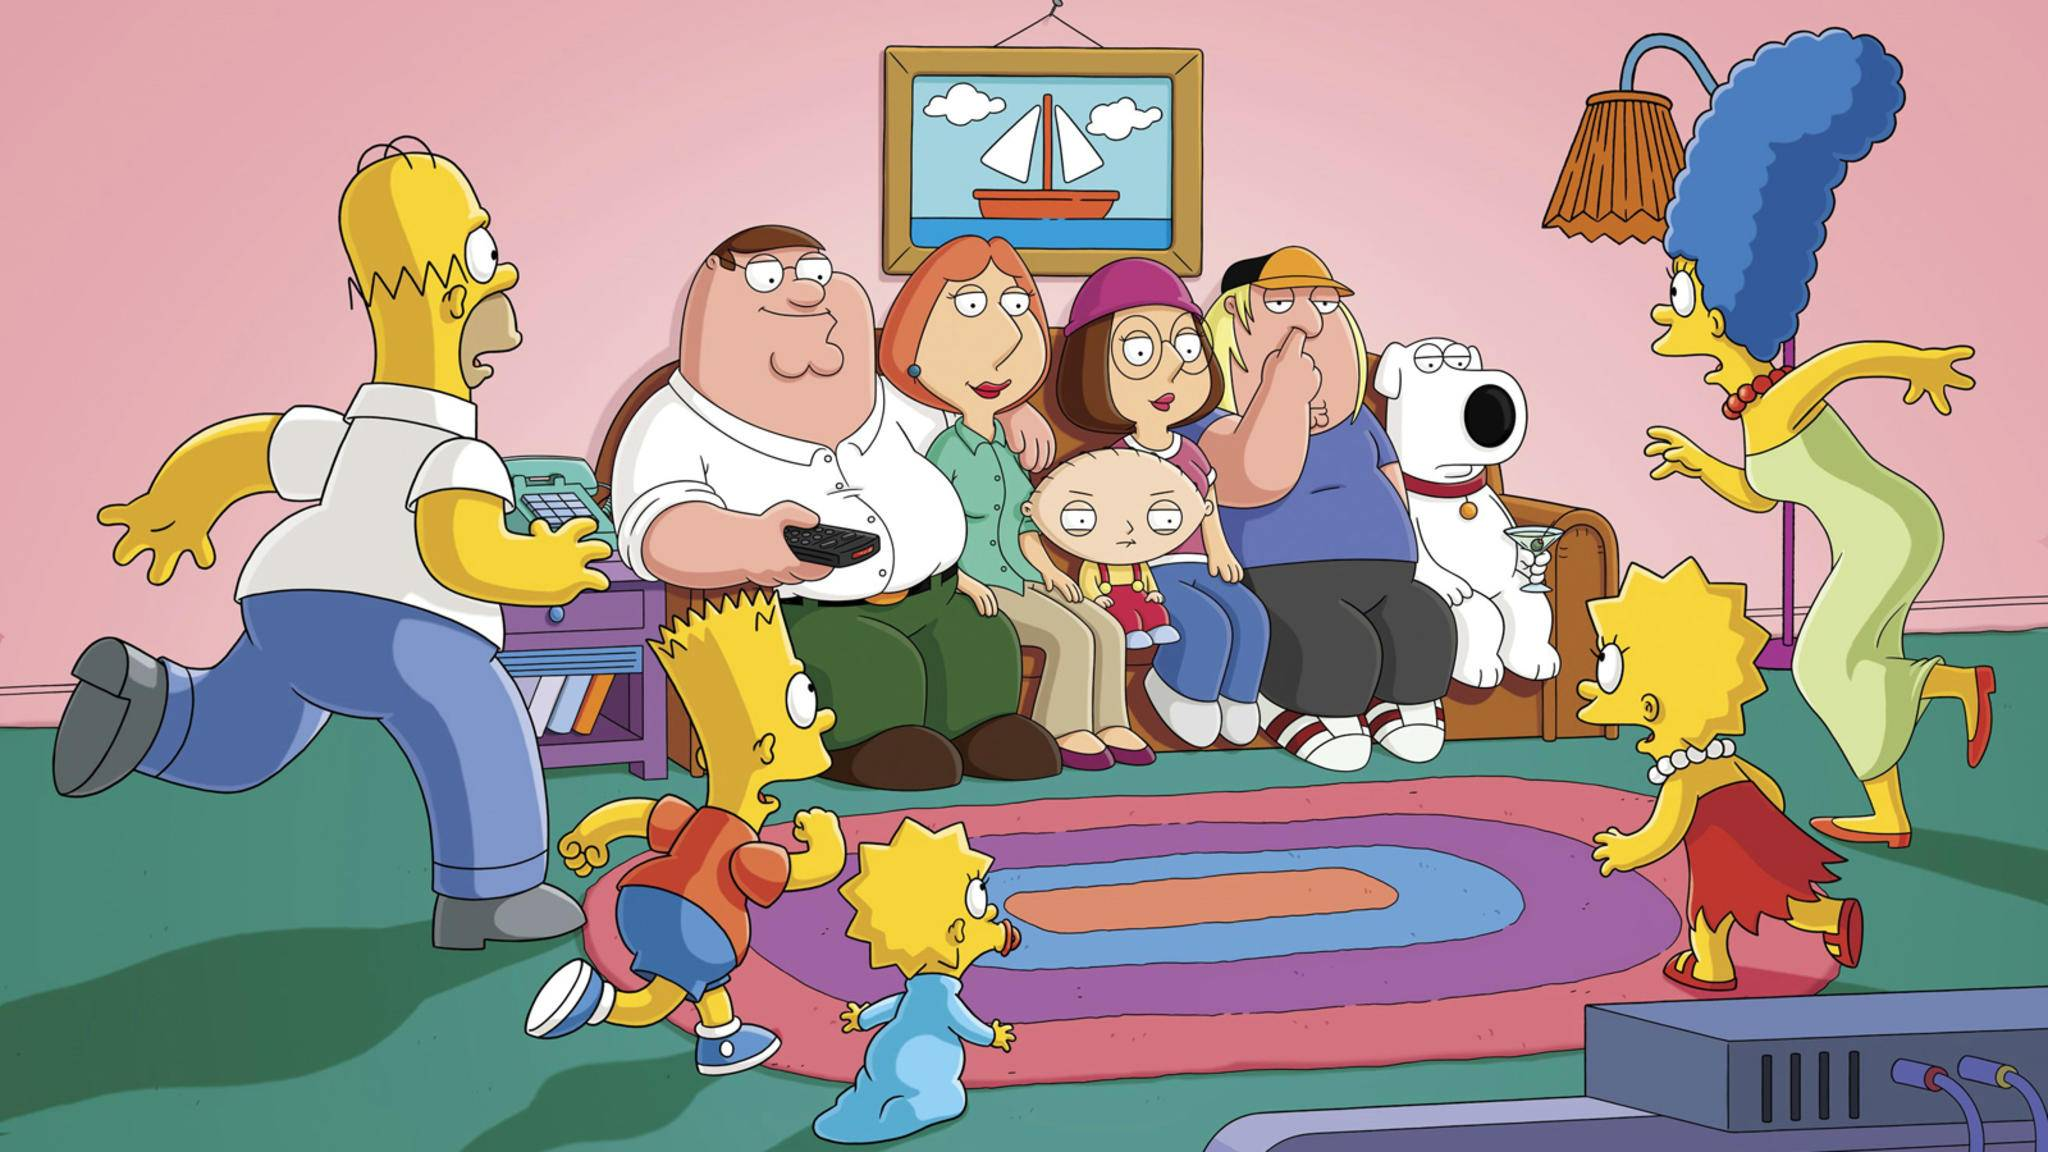 Familie Simpson oder Familie Griffin? Wir nehmen einfach beide!